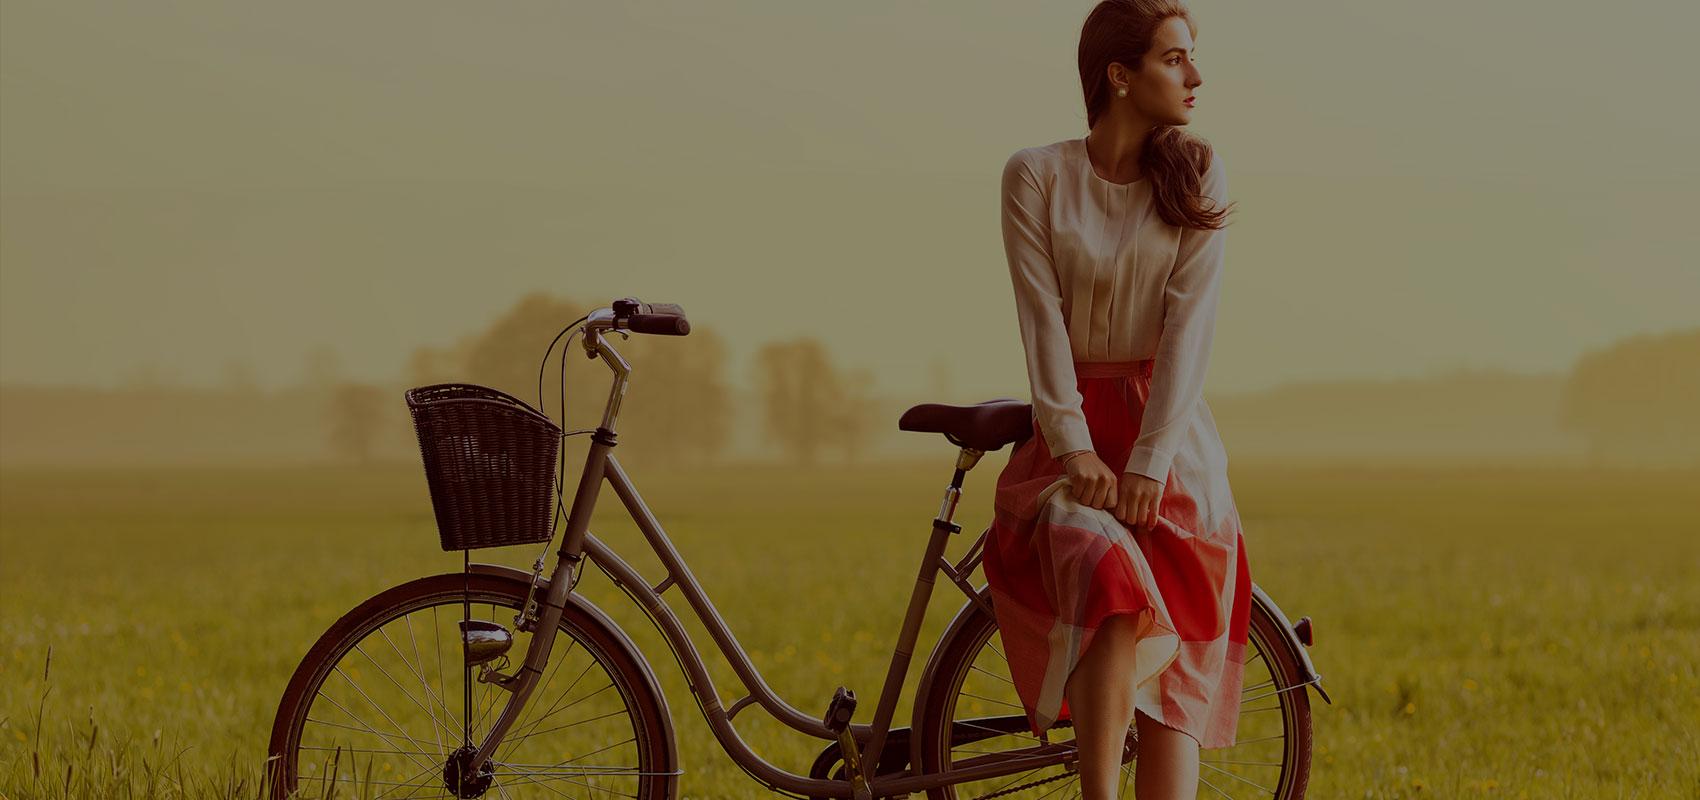 girl-bike-45